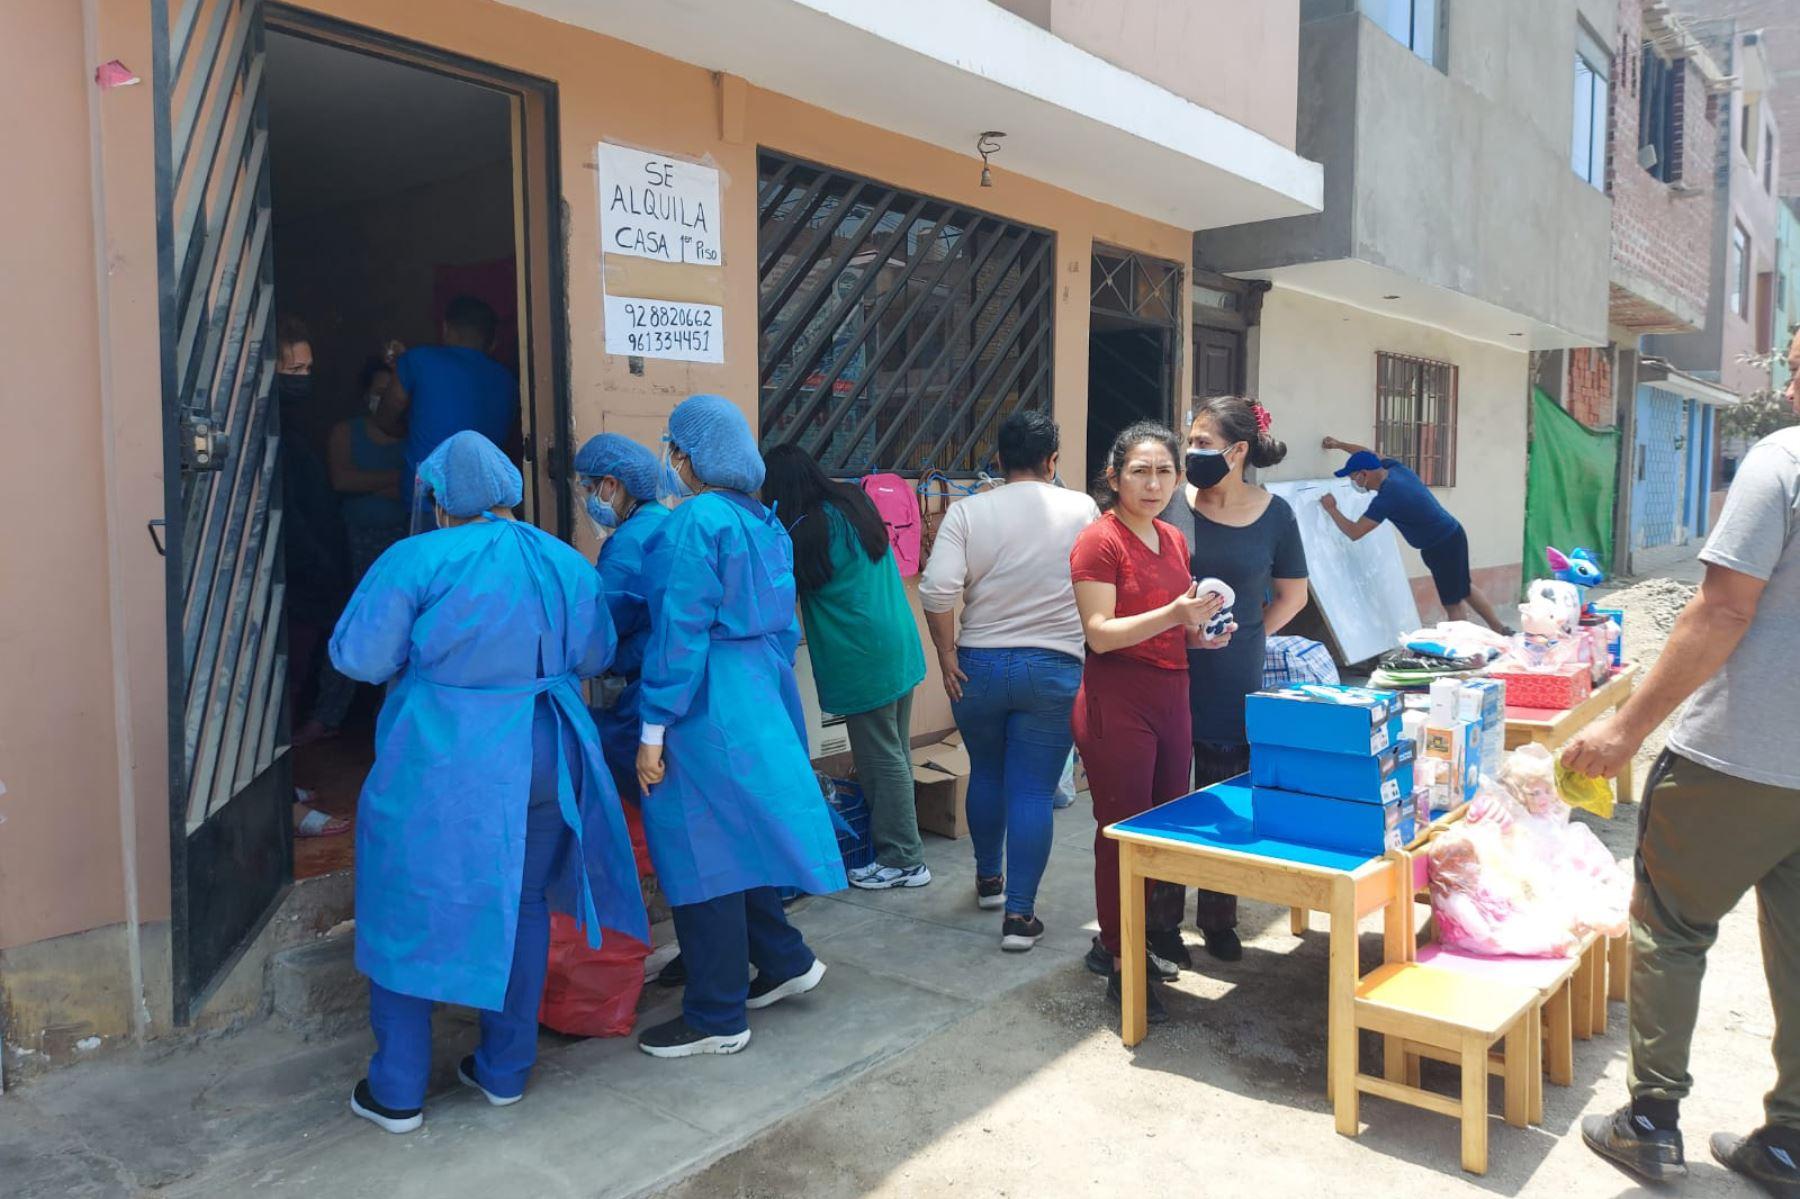 La intervención, desarrollada por las brigadas de la  Diris Lima Este, consistió en la toma de pruebas moleculares de descarte y en la vacunación contra la COVID-19 de las personas mayores de 18 años en las zonas afectadas. Foto: Minsa